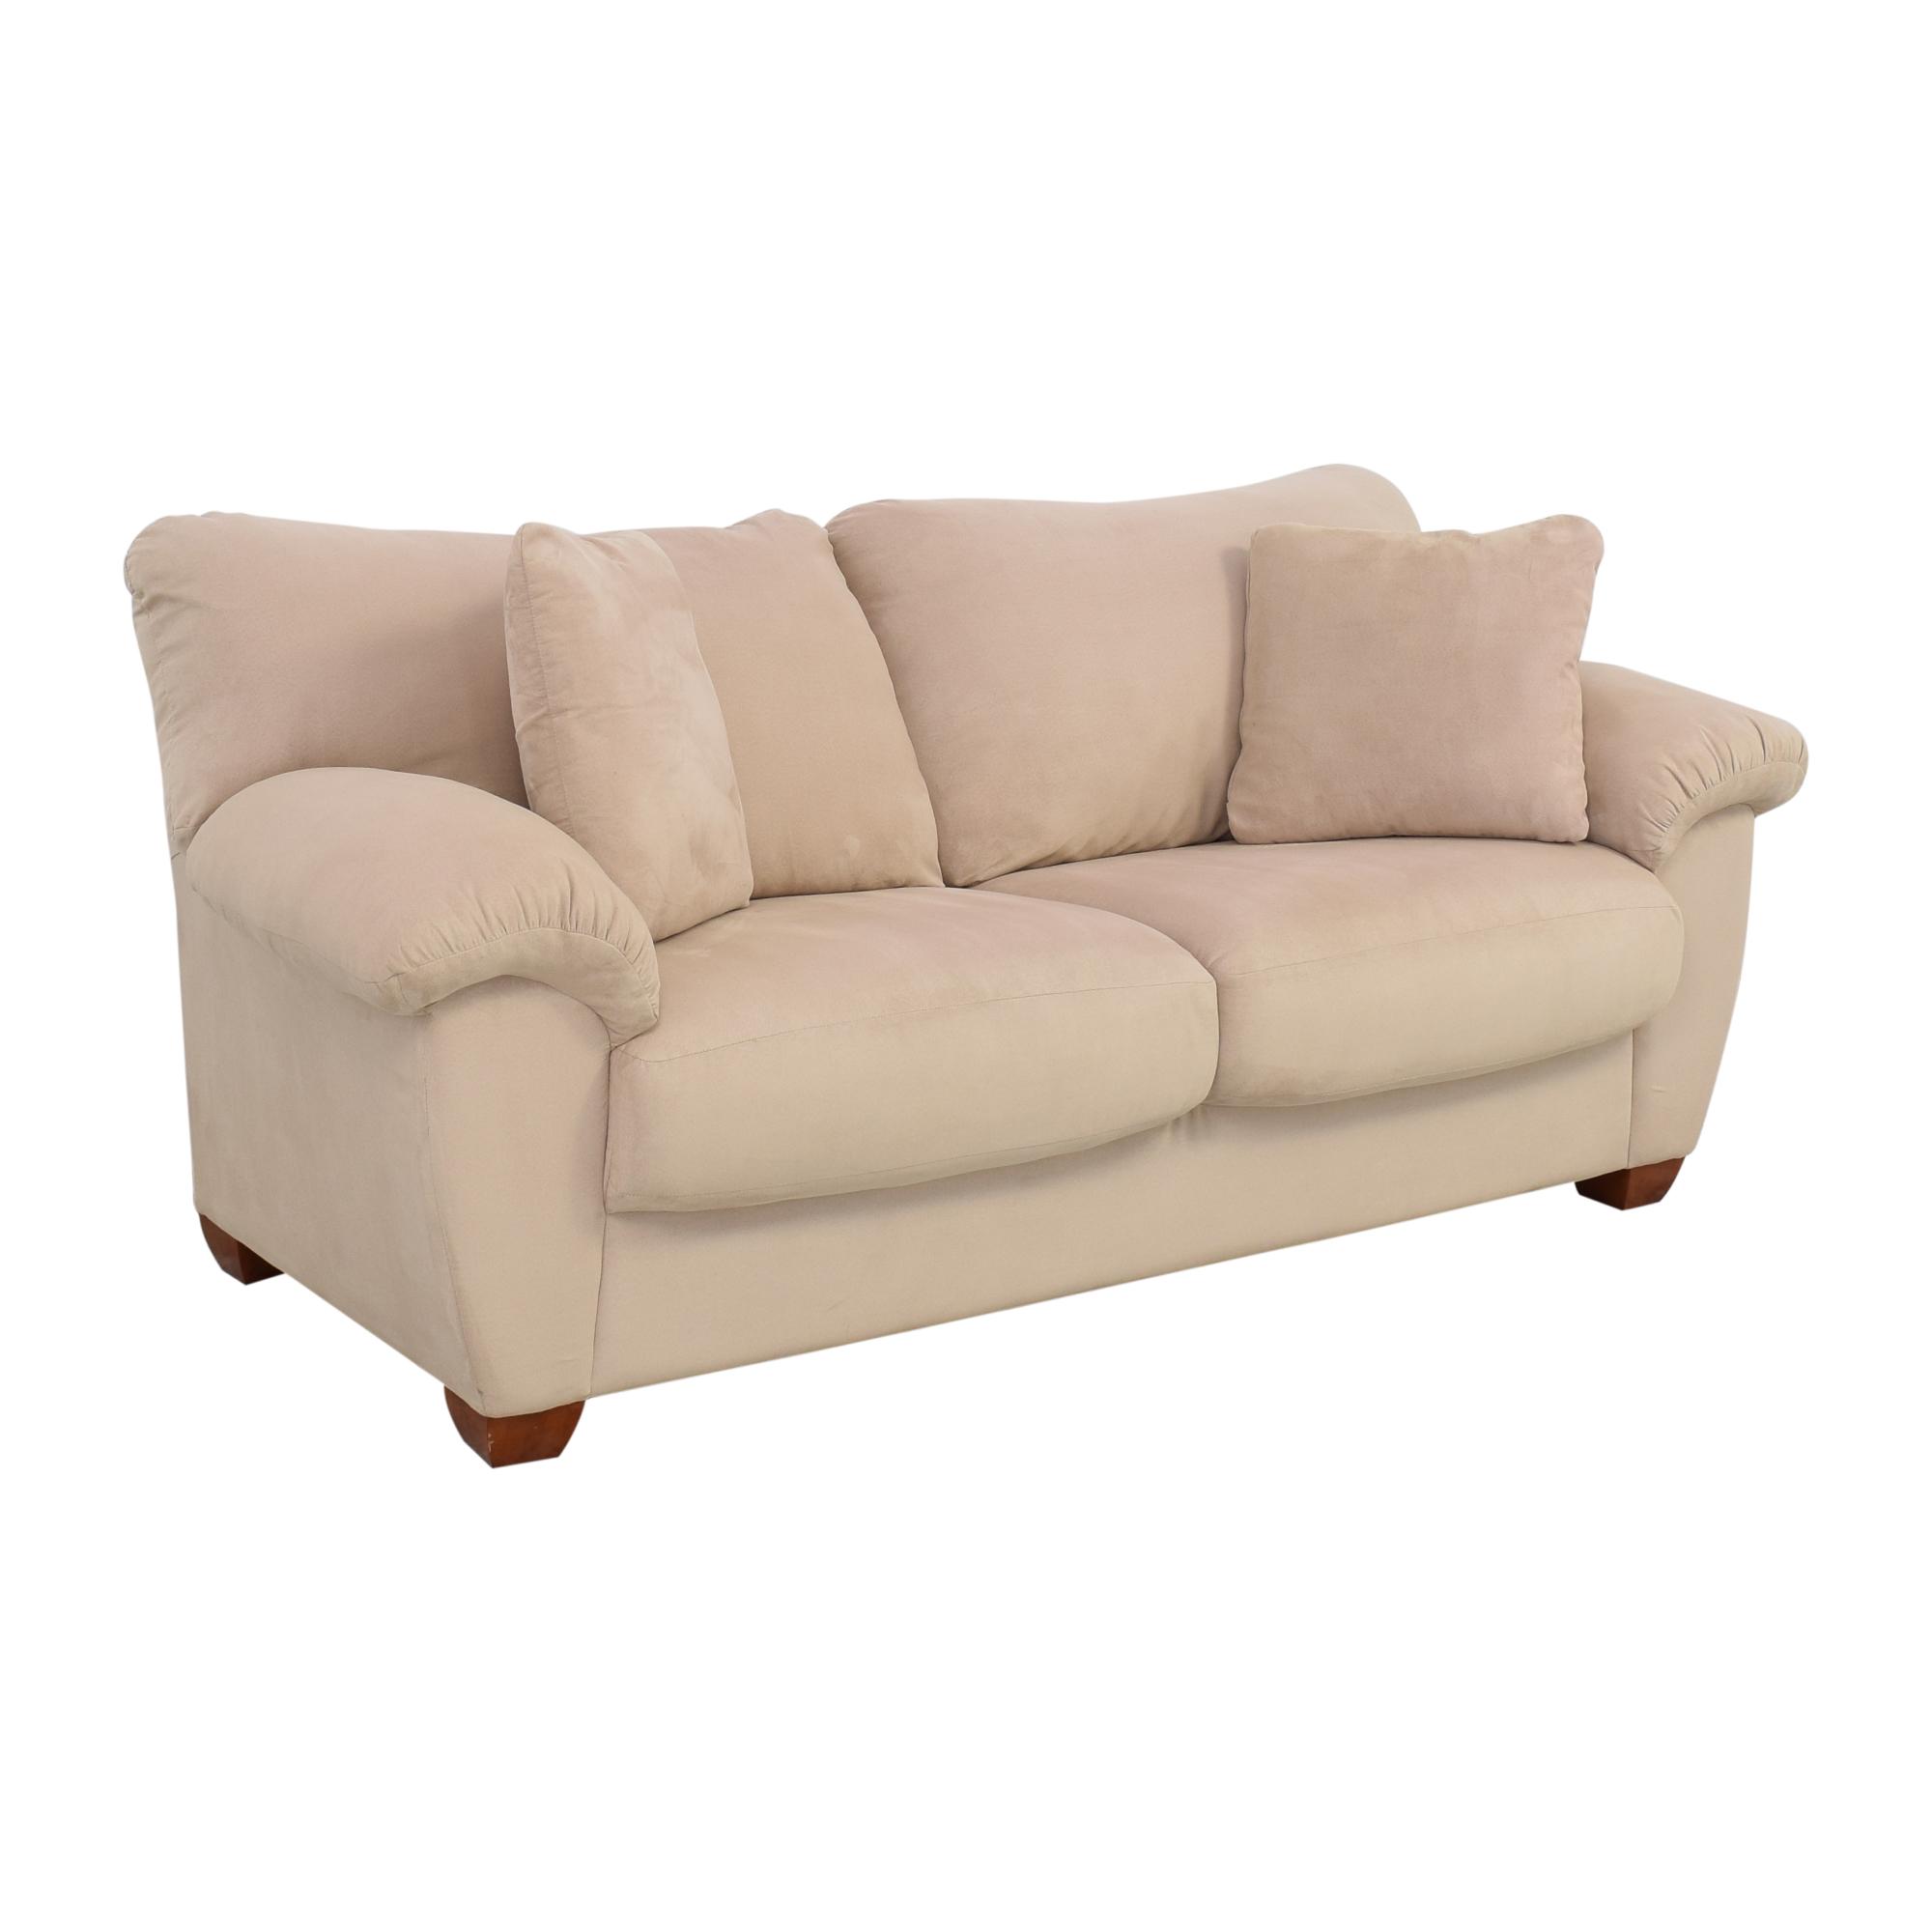 shop Two Cushion Sofa